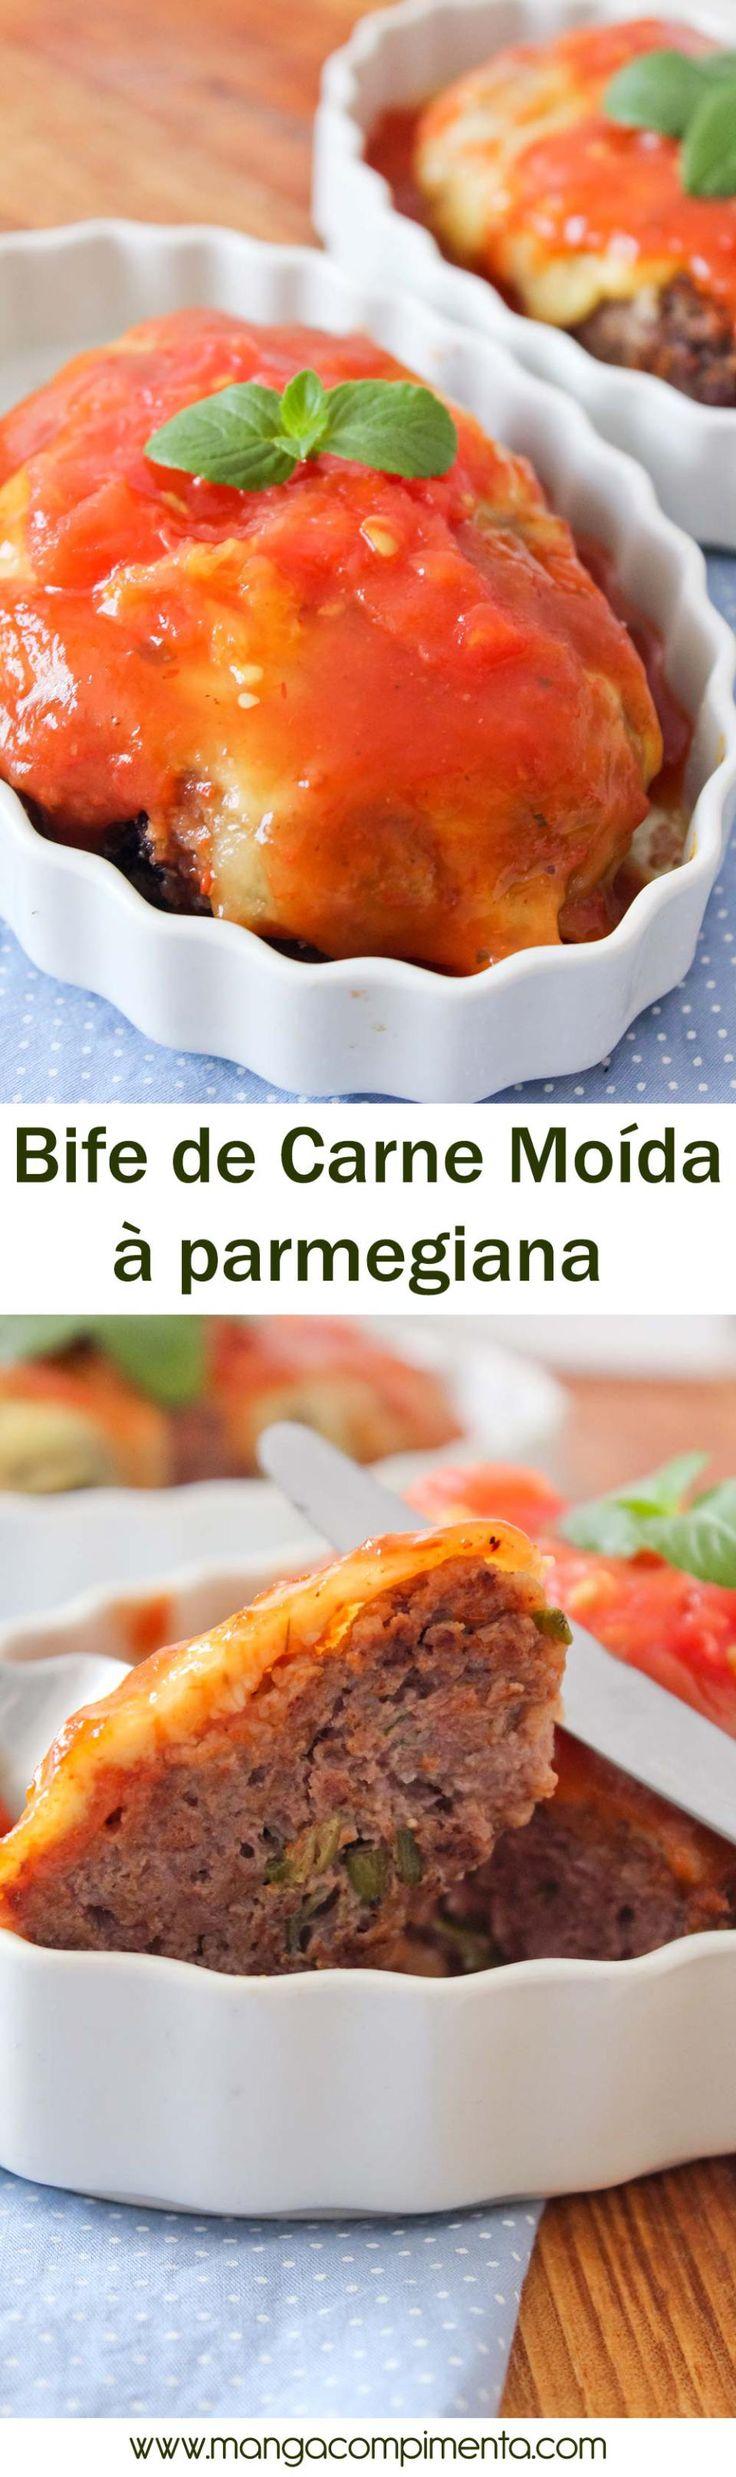 Bife de Carne Moída à Parmegiana | Para o almoço ou jantar da Semana! #receita #comida #carne #almoço #jantar